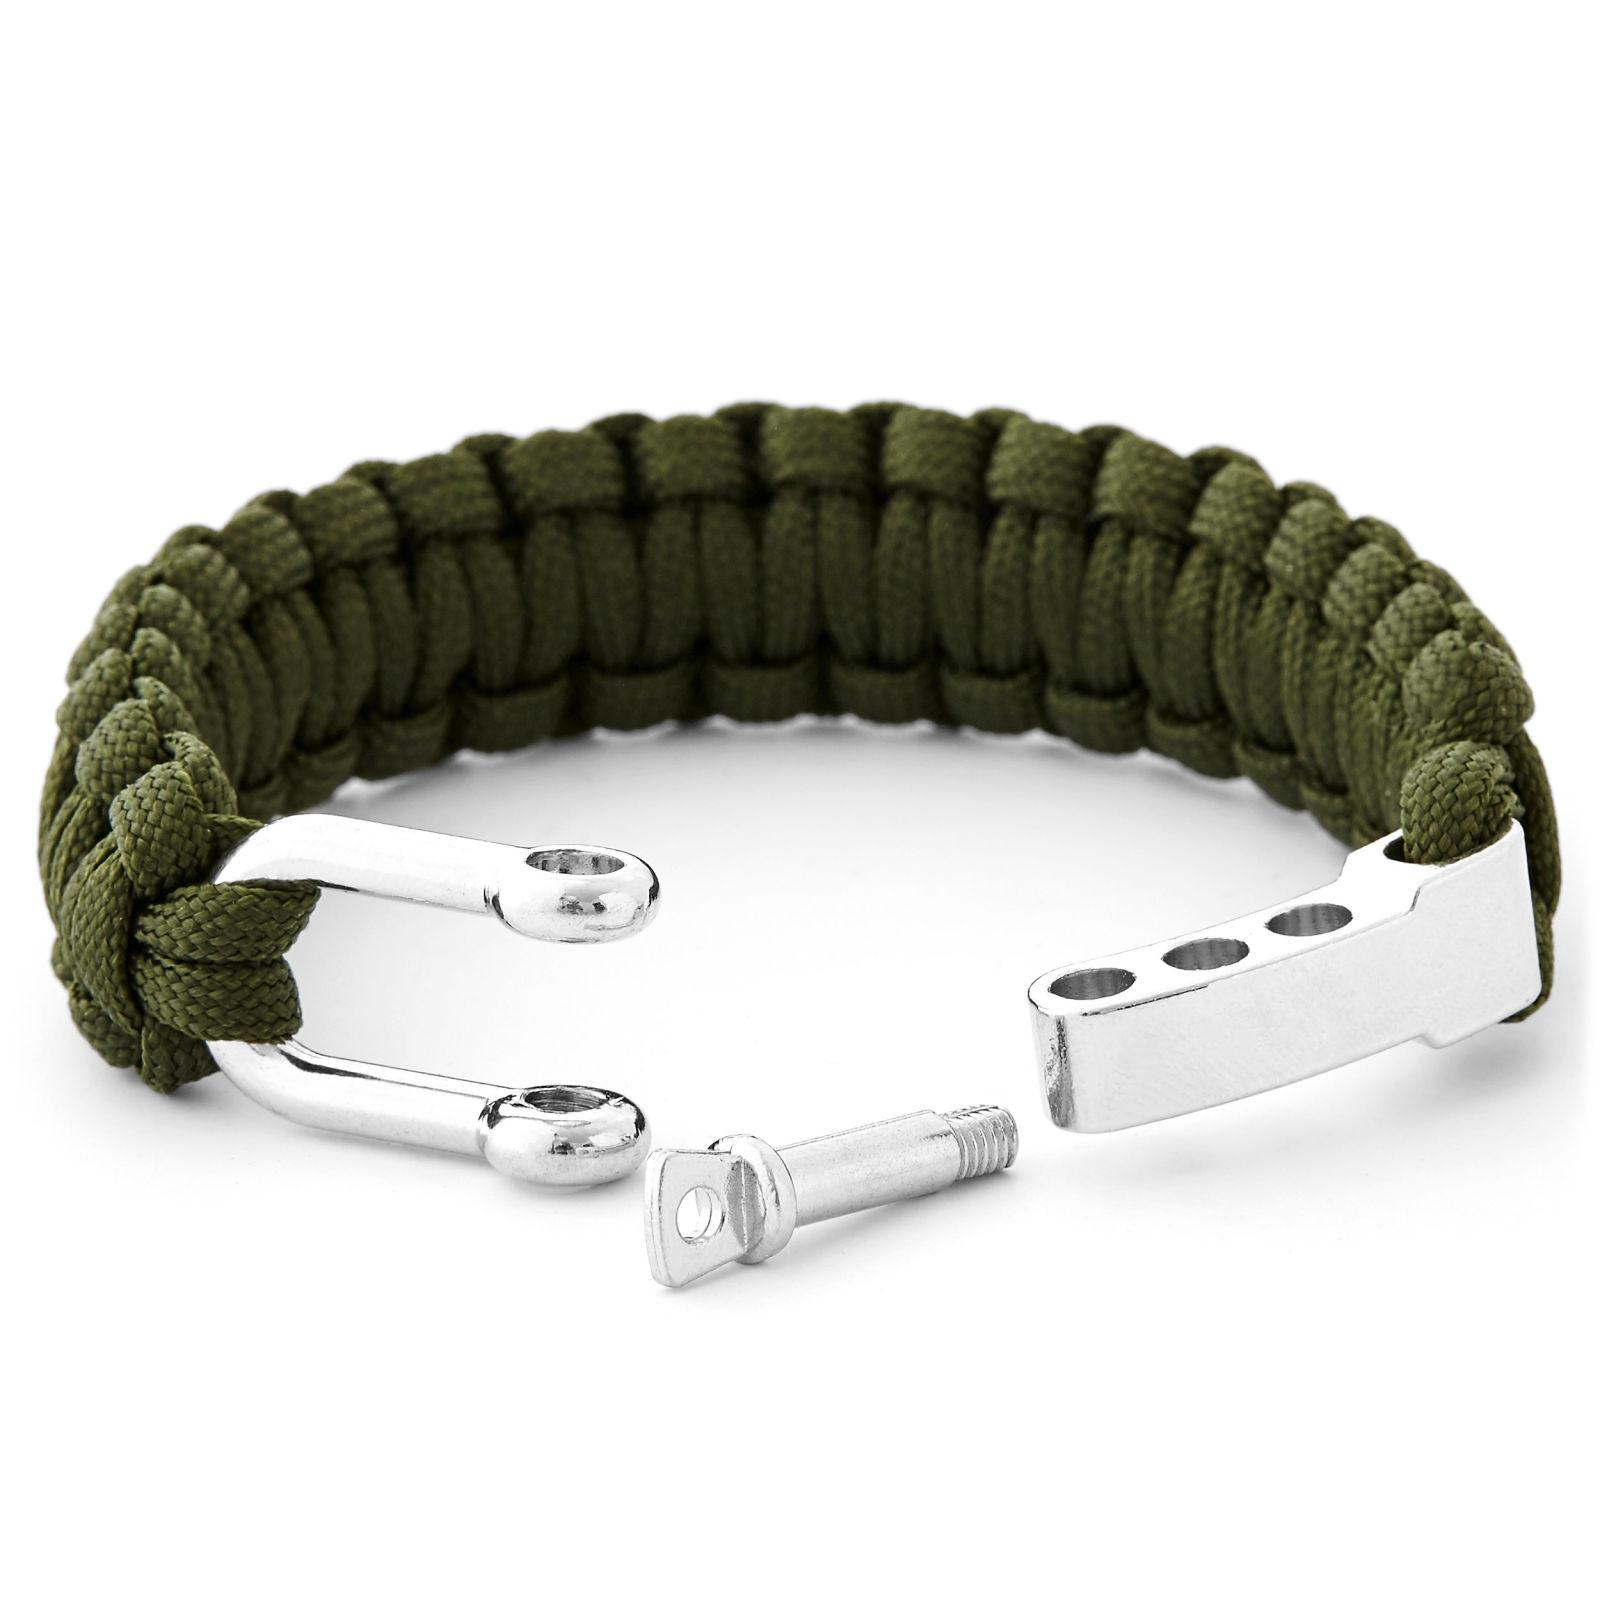 Vert Firestarter Bracelet En Acier Paracord Trendhim Réduction Avec Paypal Le Plus Récent En Ligne Payer Avec Visa boutique Mode Pas Cher En Ligne IfMVgXj